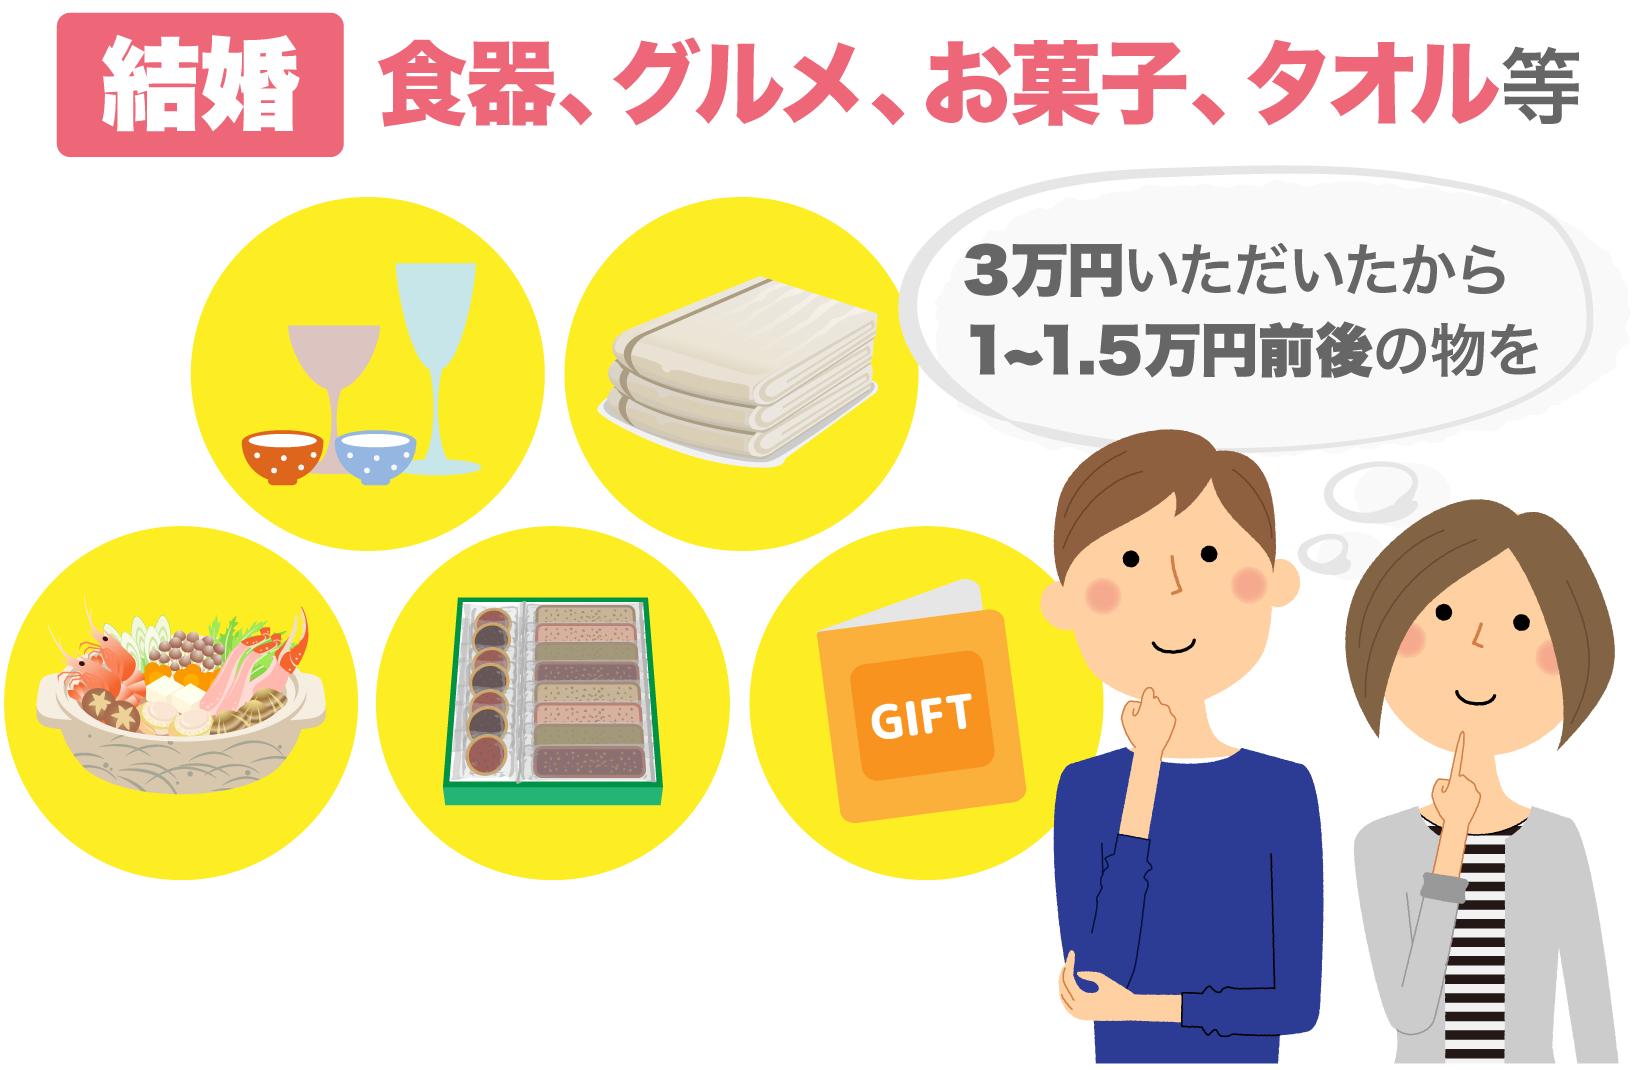 3万円いただいているので1~1.5万円前後で結婚内祝いを検討する